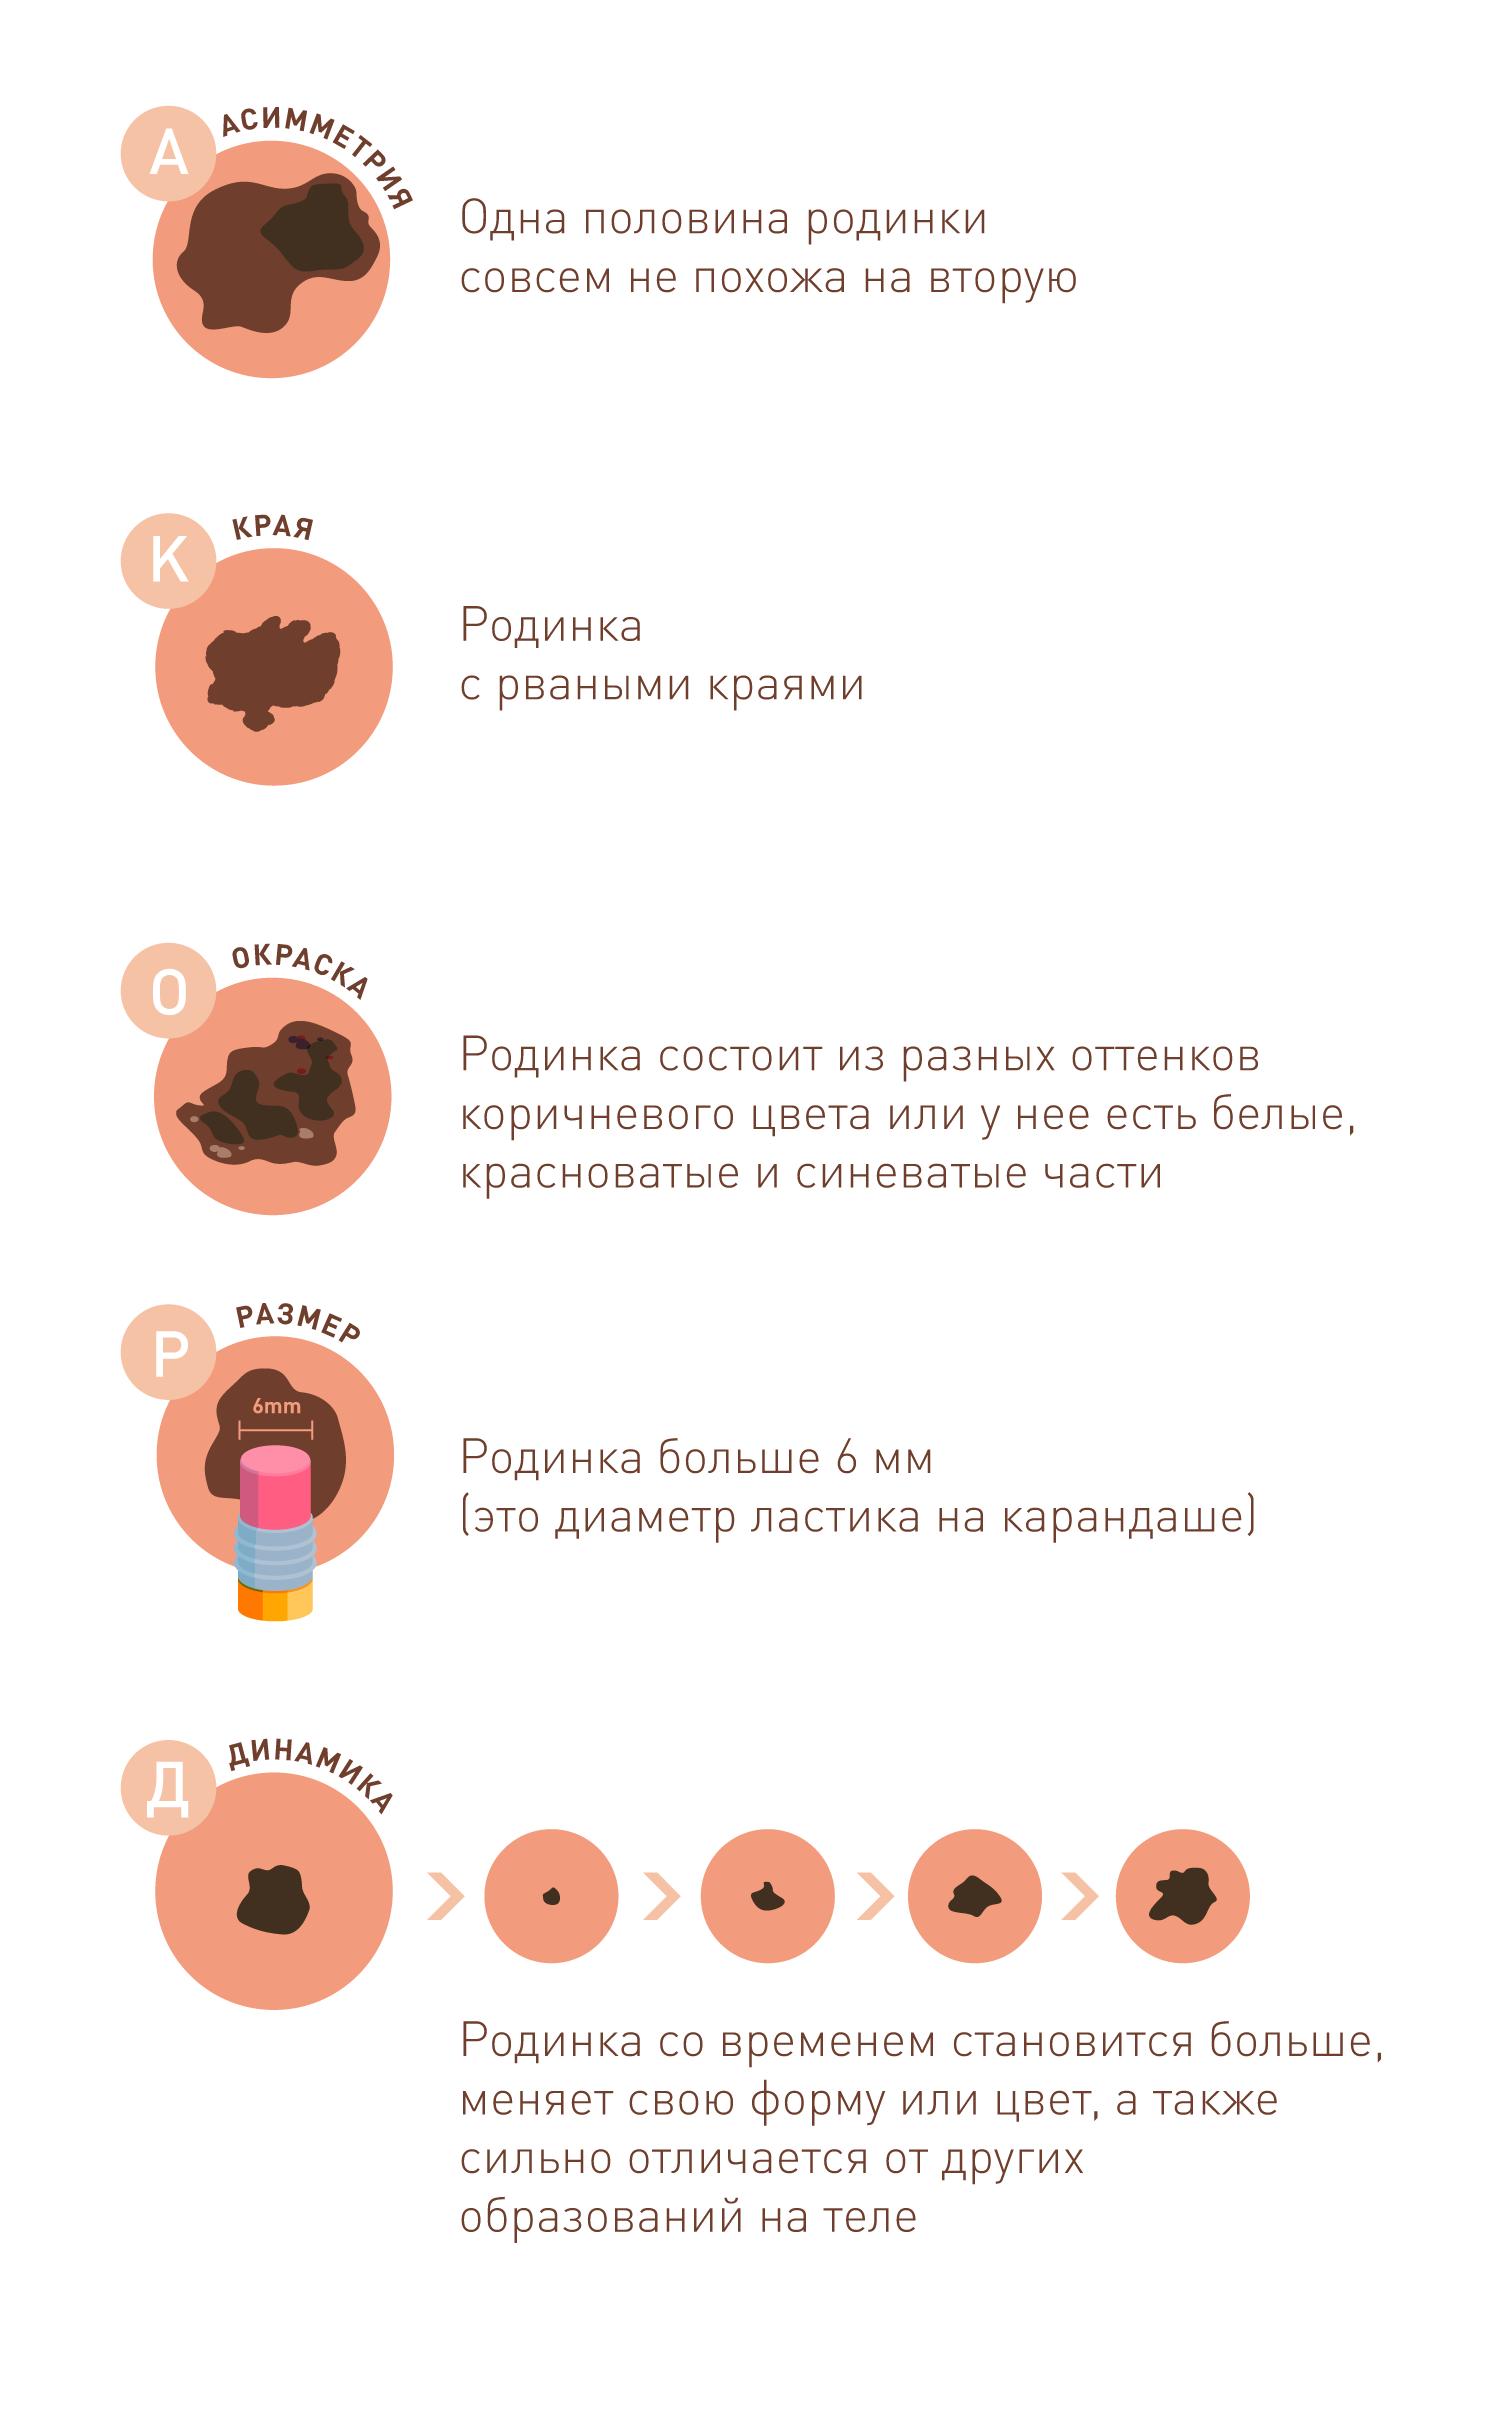 Меланома и родинки: метод самодиагностики и профилактики